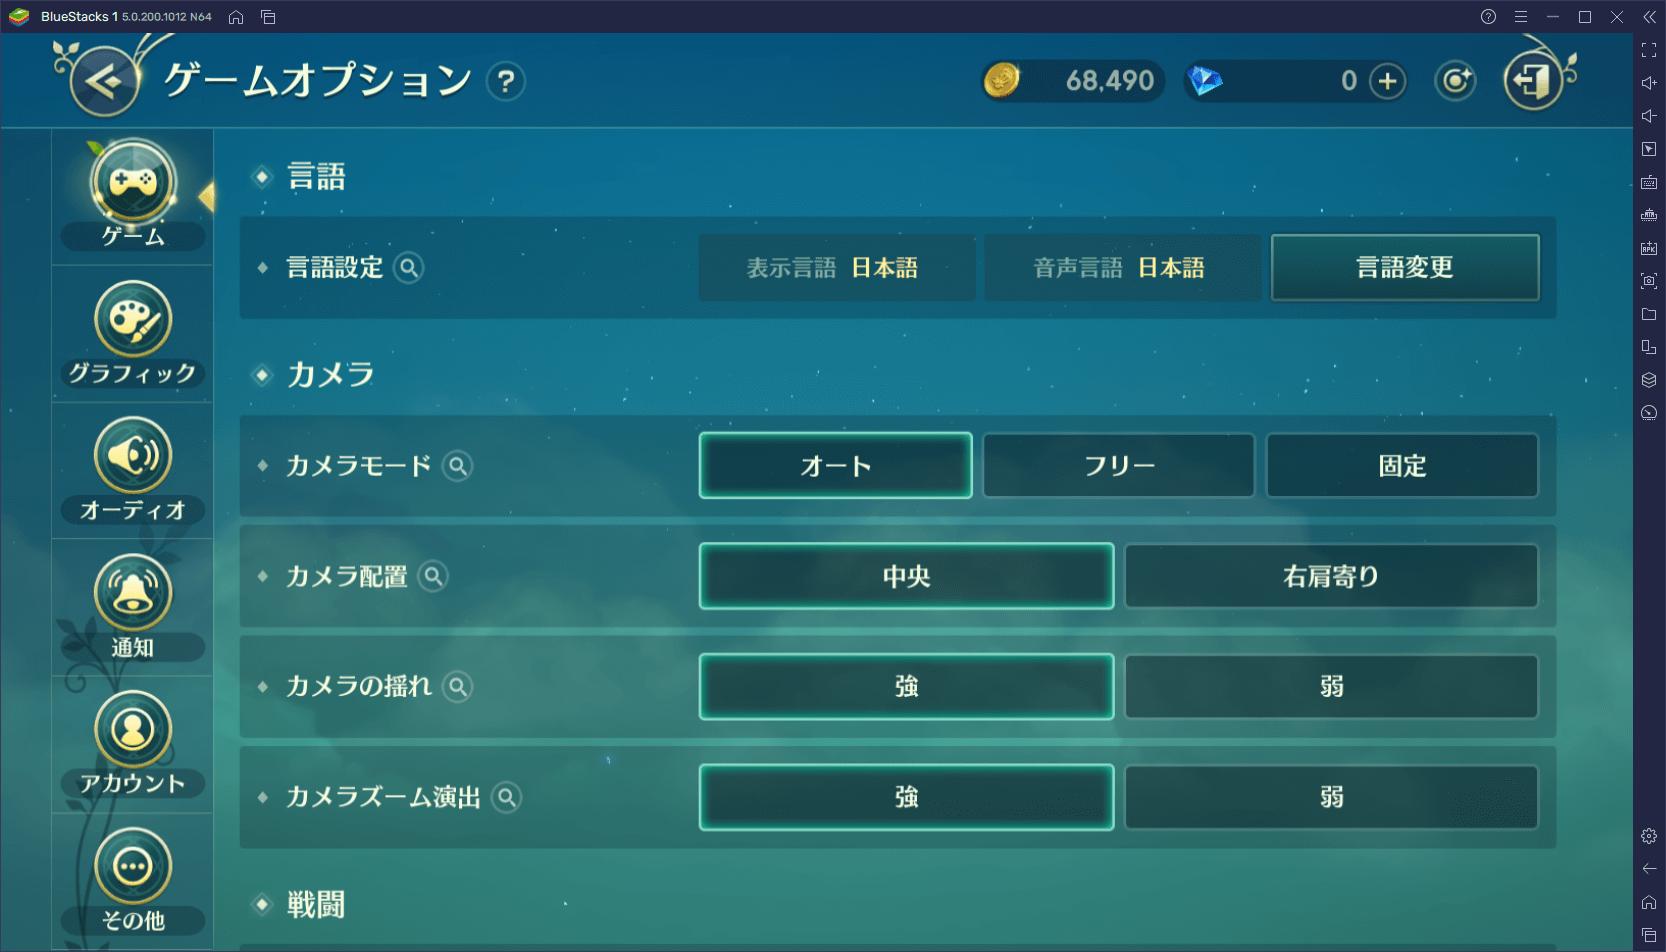 BlueStacksを使ってPCで『二ノ国:Cross Worlds』を遊ぼう